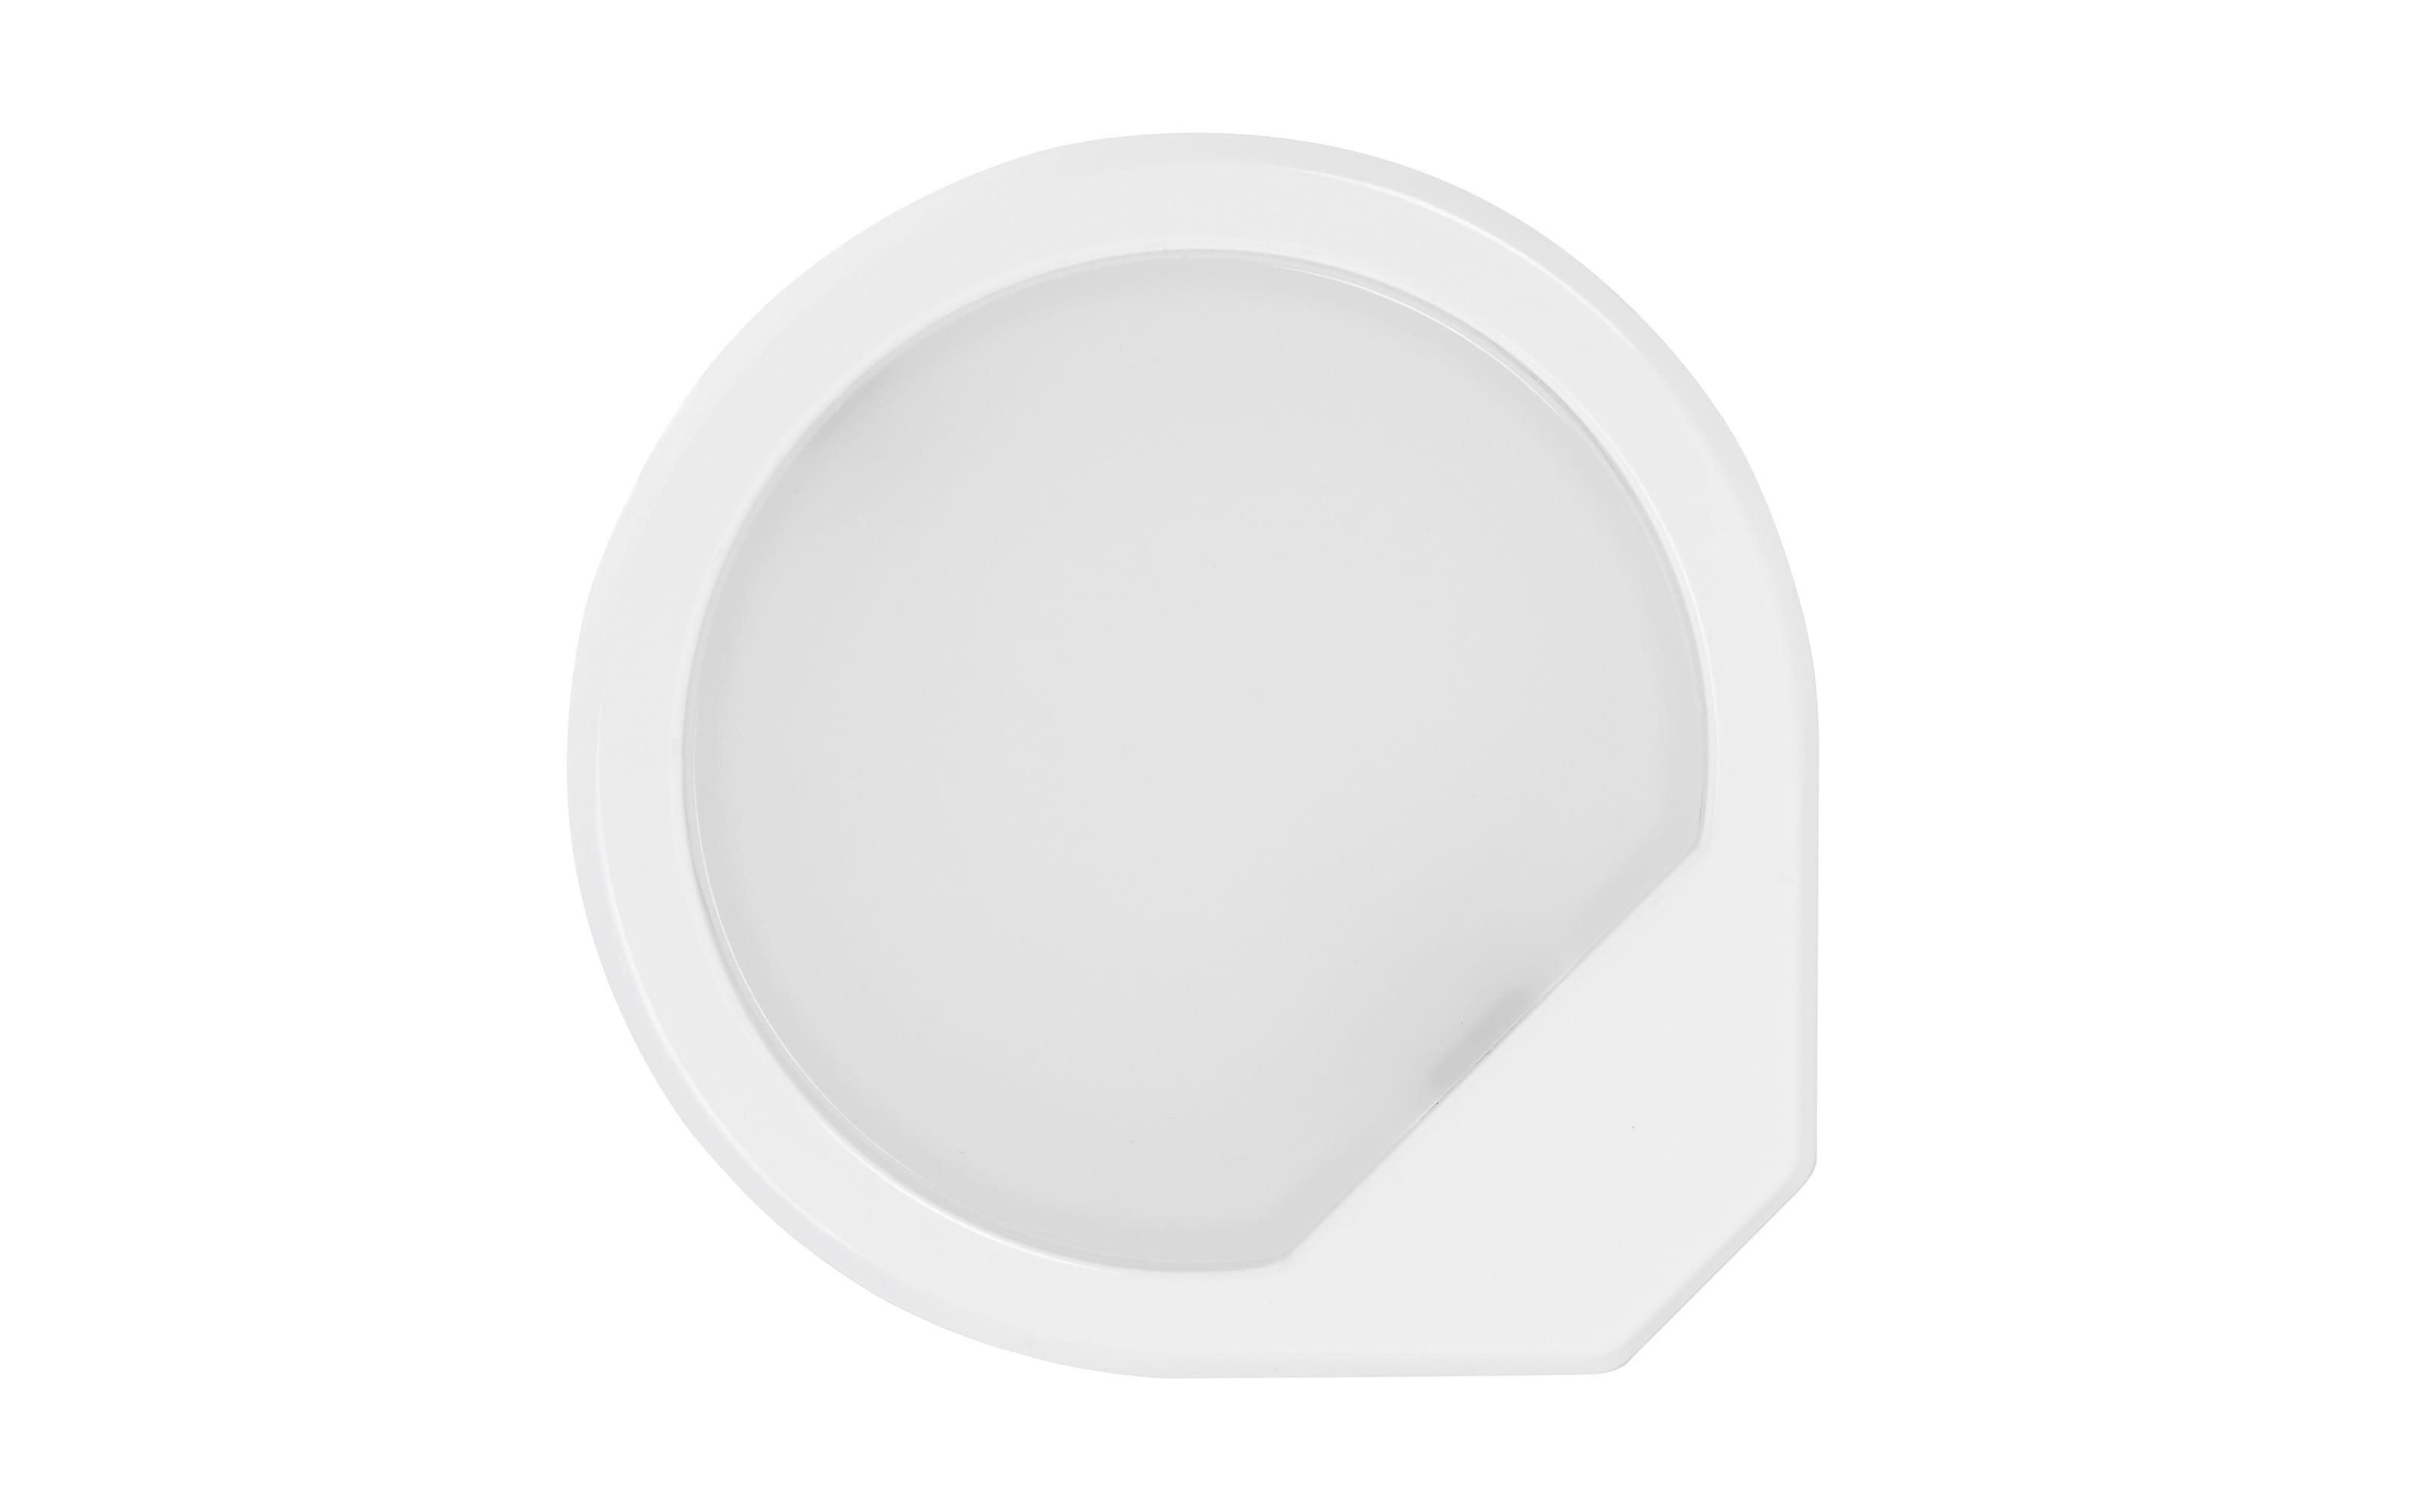 LED-Steckernachtlicht Quiri in weiß, 5,4 cm